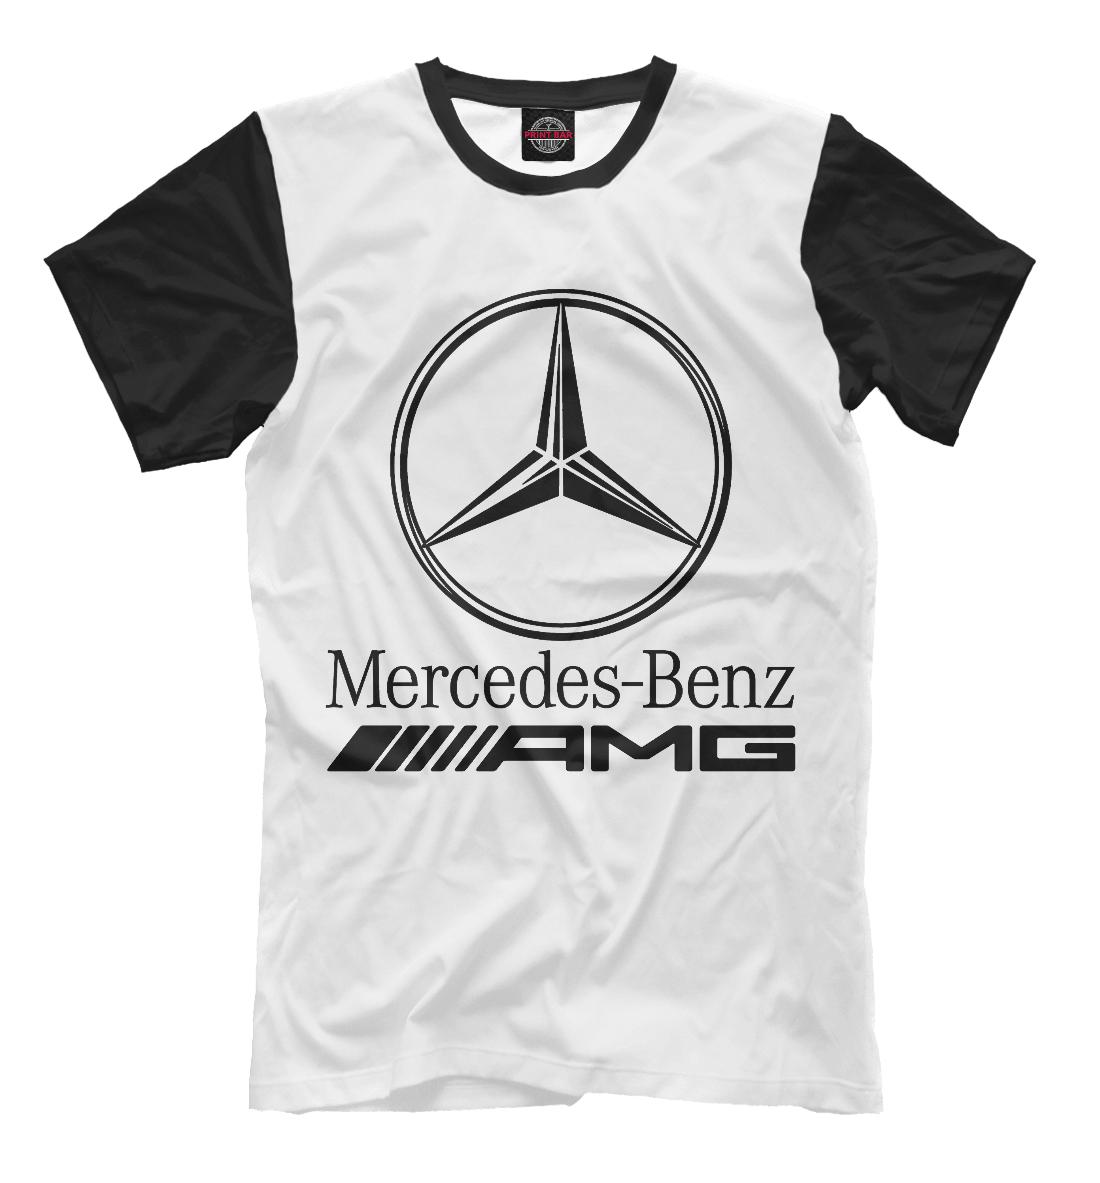 Купить Mercedes-Benz AMG, Printbar, Футболки, MER-912174-fut-2